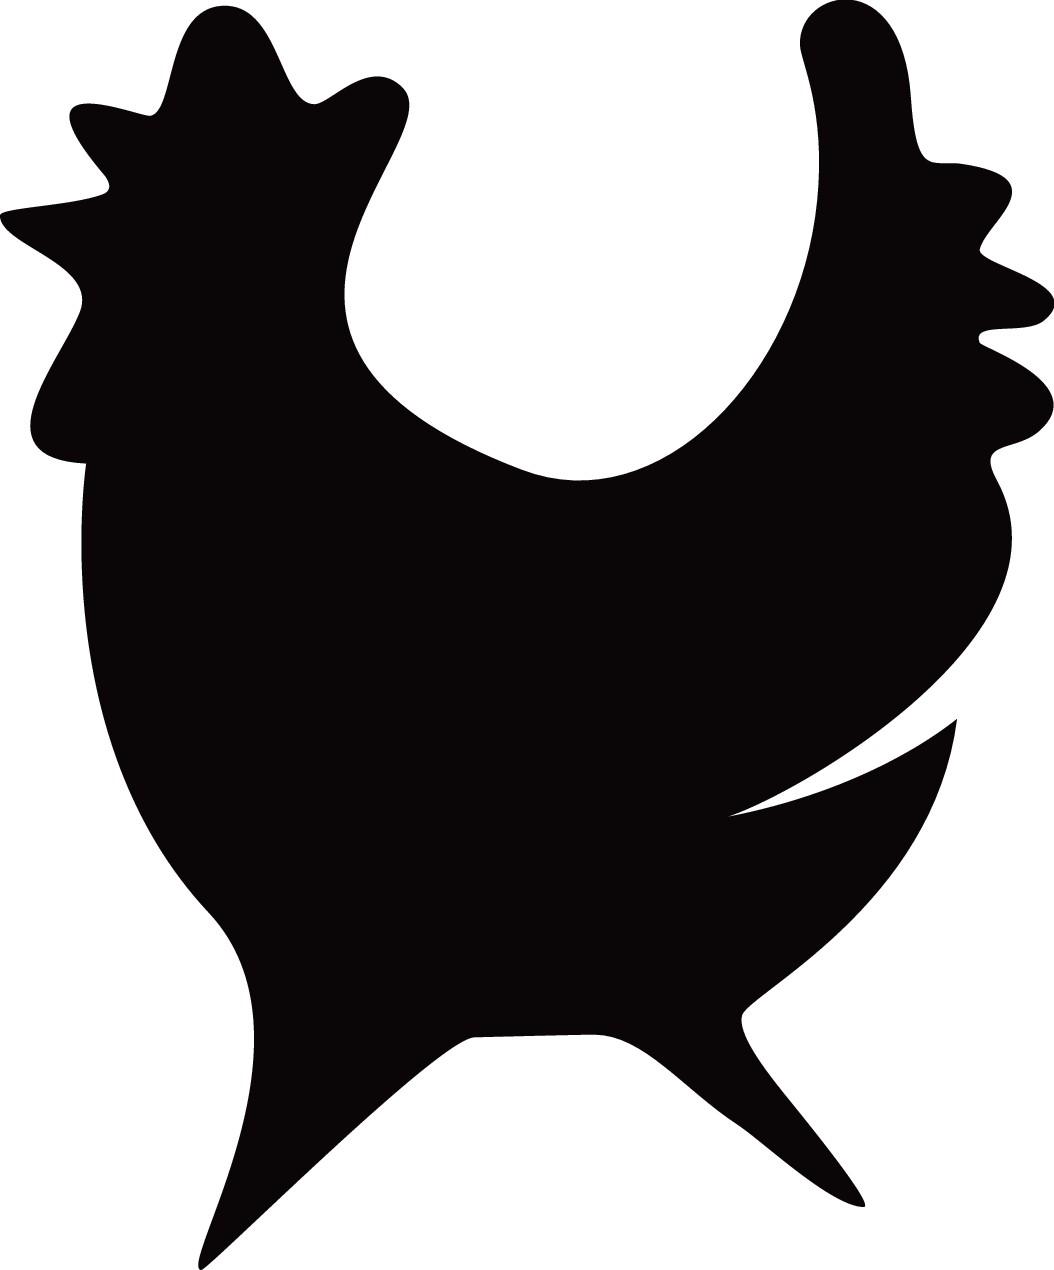 Create a fun logo for a bbq restaurant